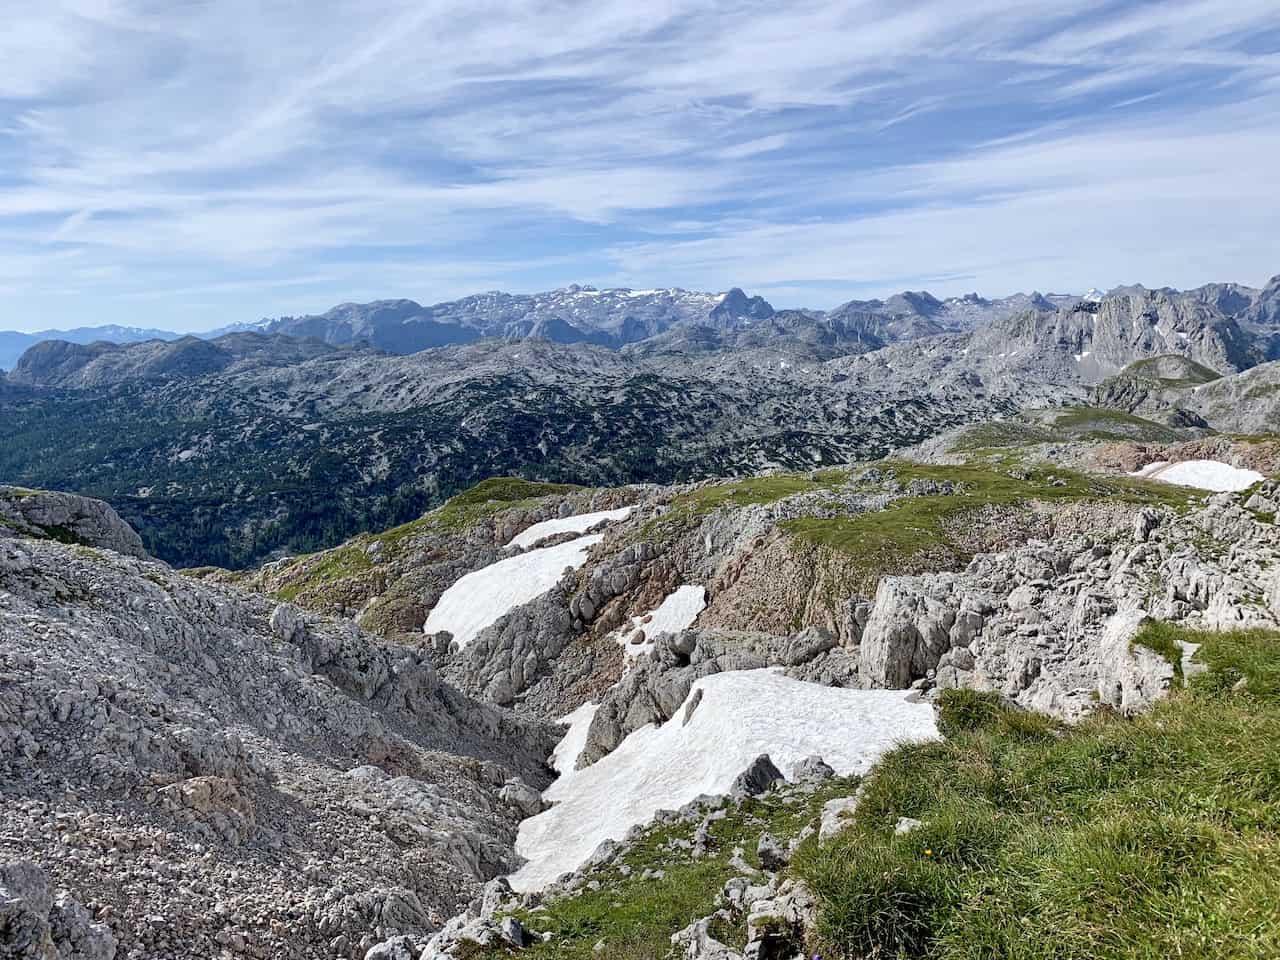 Schneibstein Peak